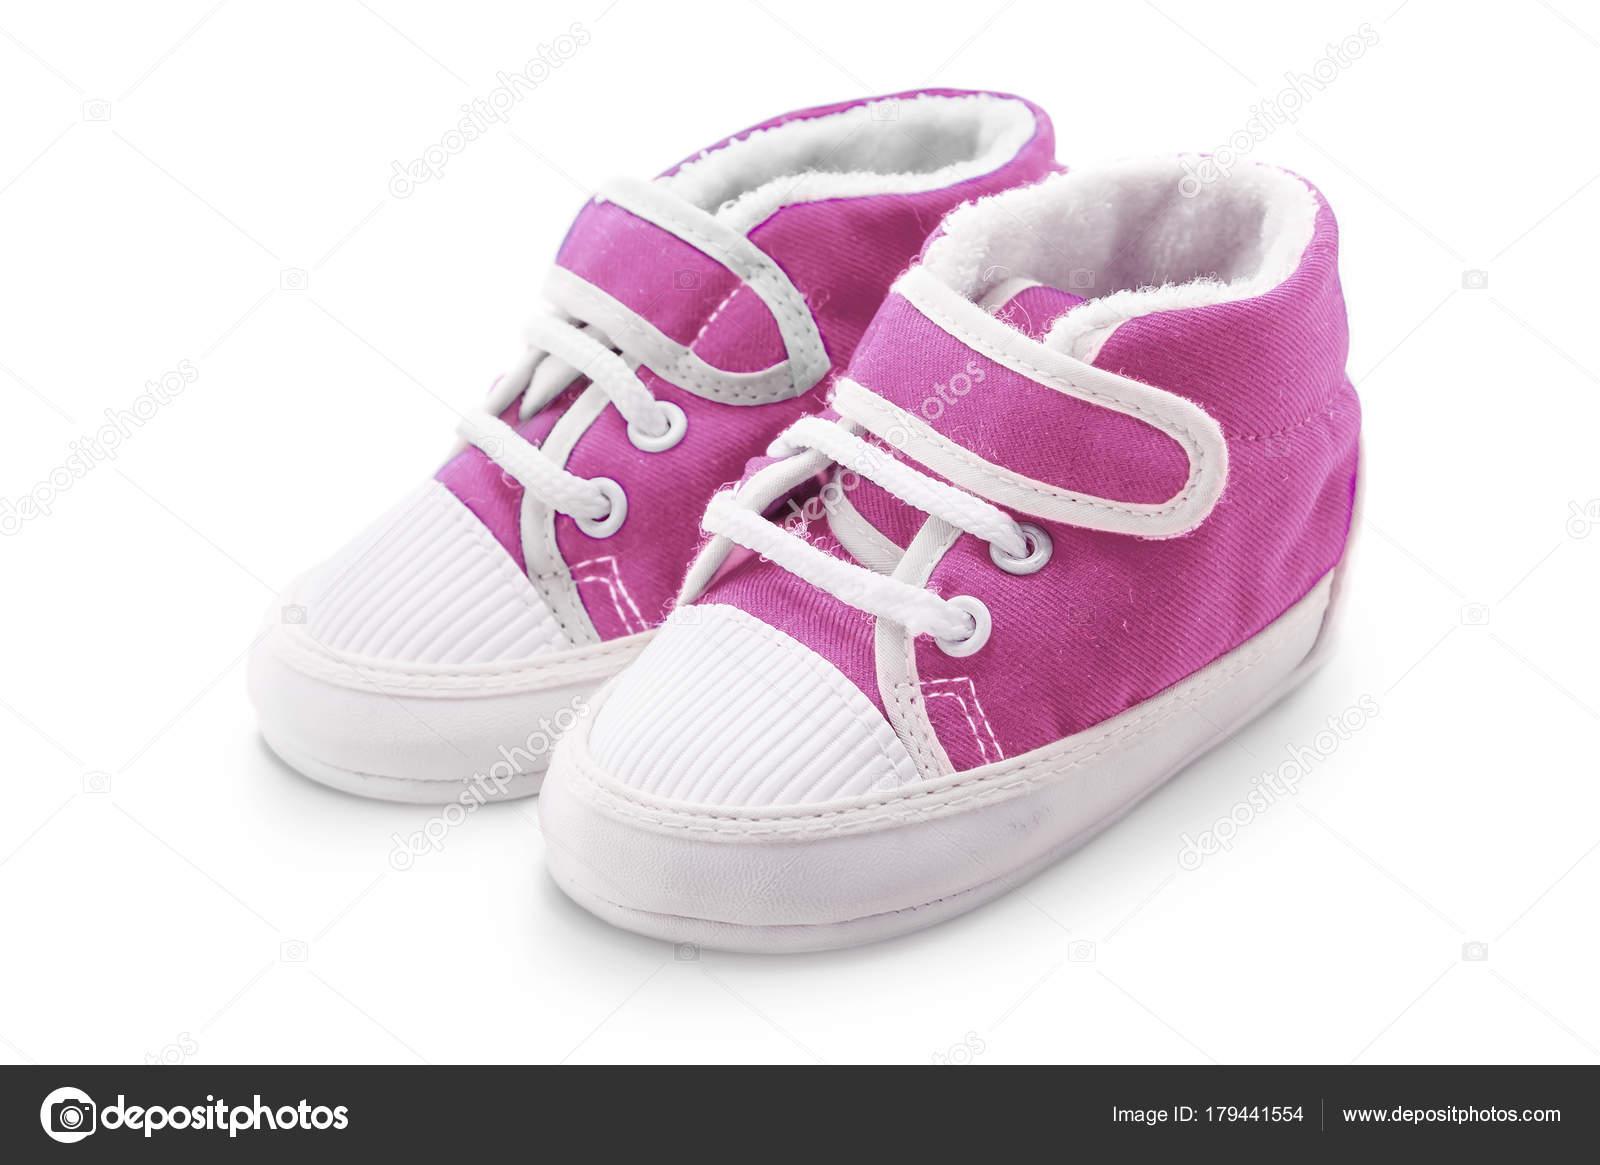 09ed4a507cb5f Chaussures bébé rose isolés sur fond blanc — Image de Aleksip